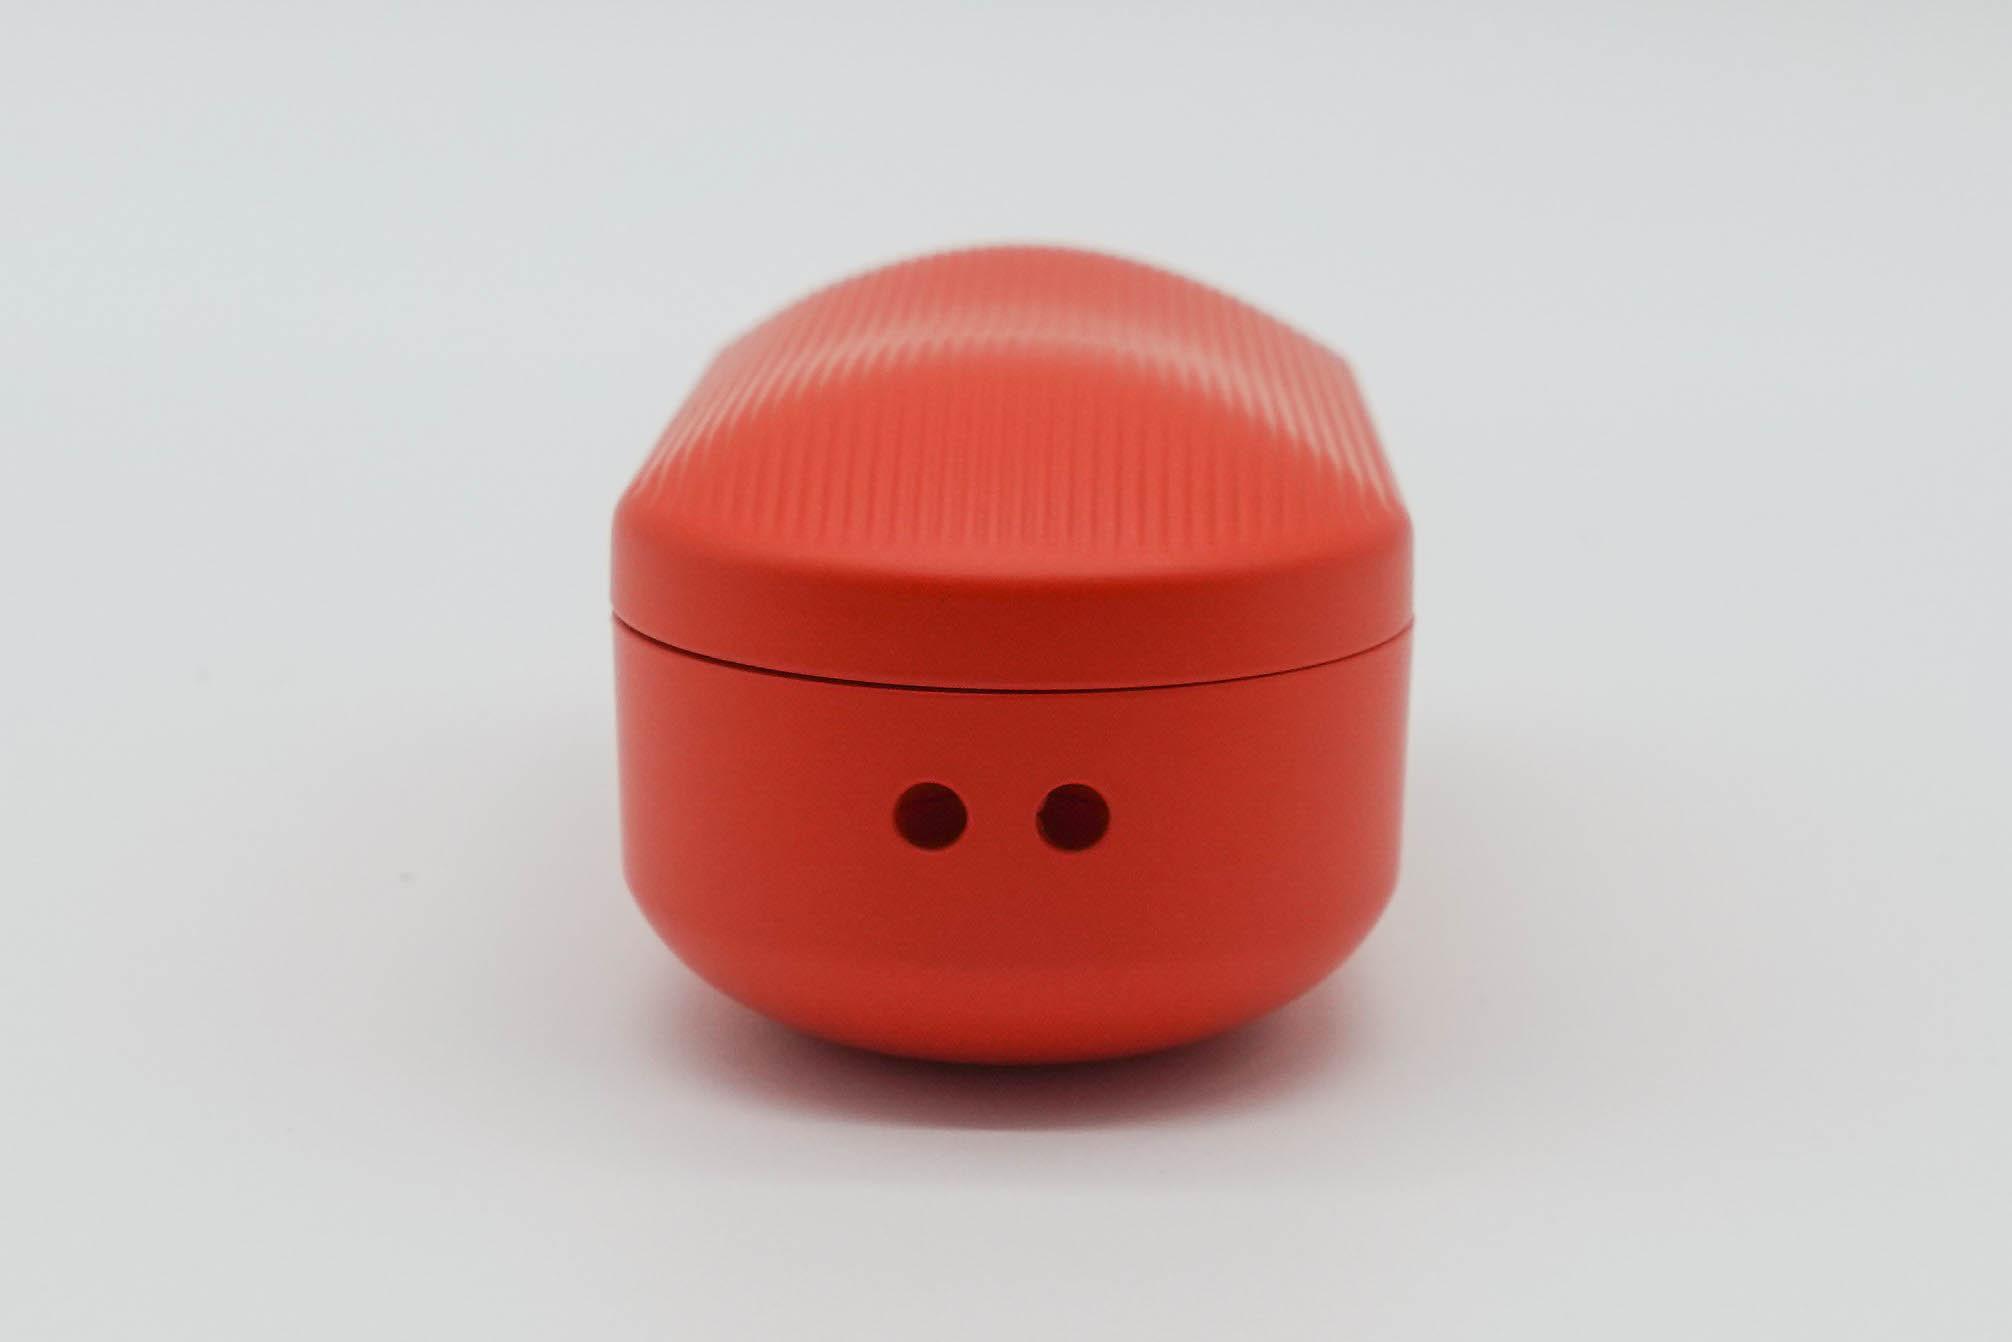 TicPods Free 充電盒